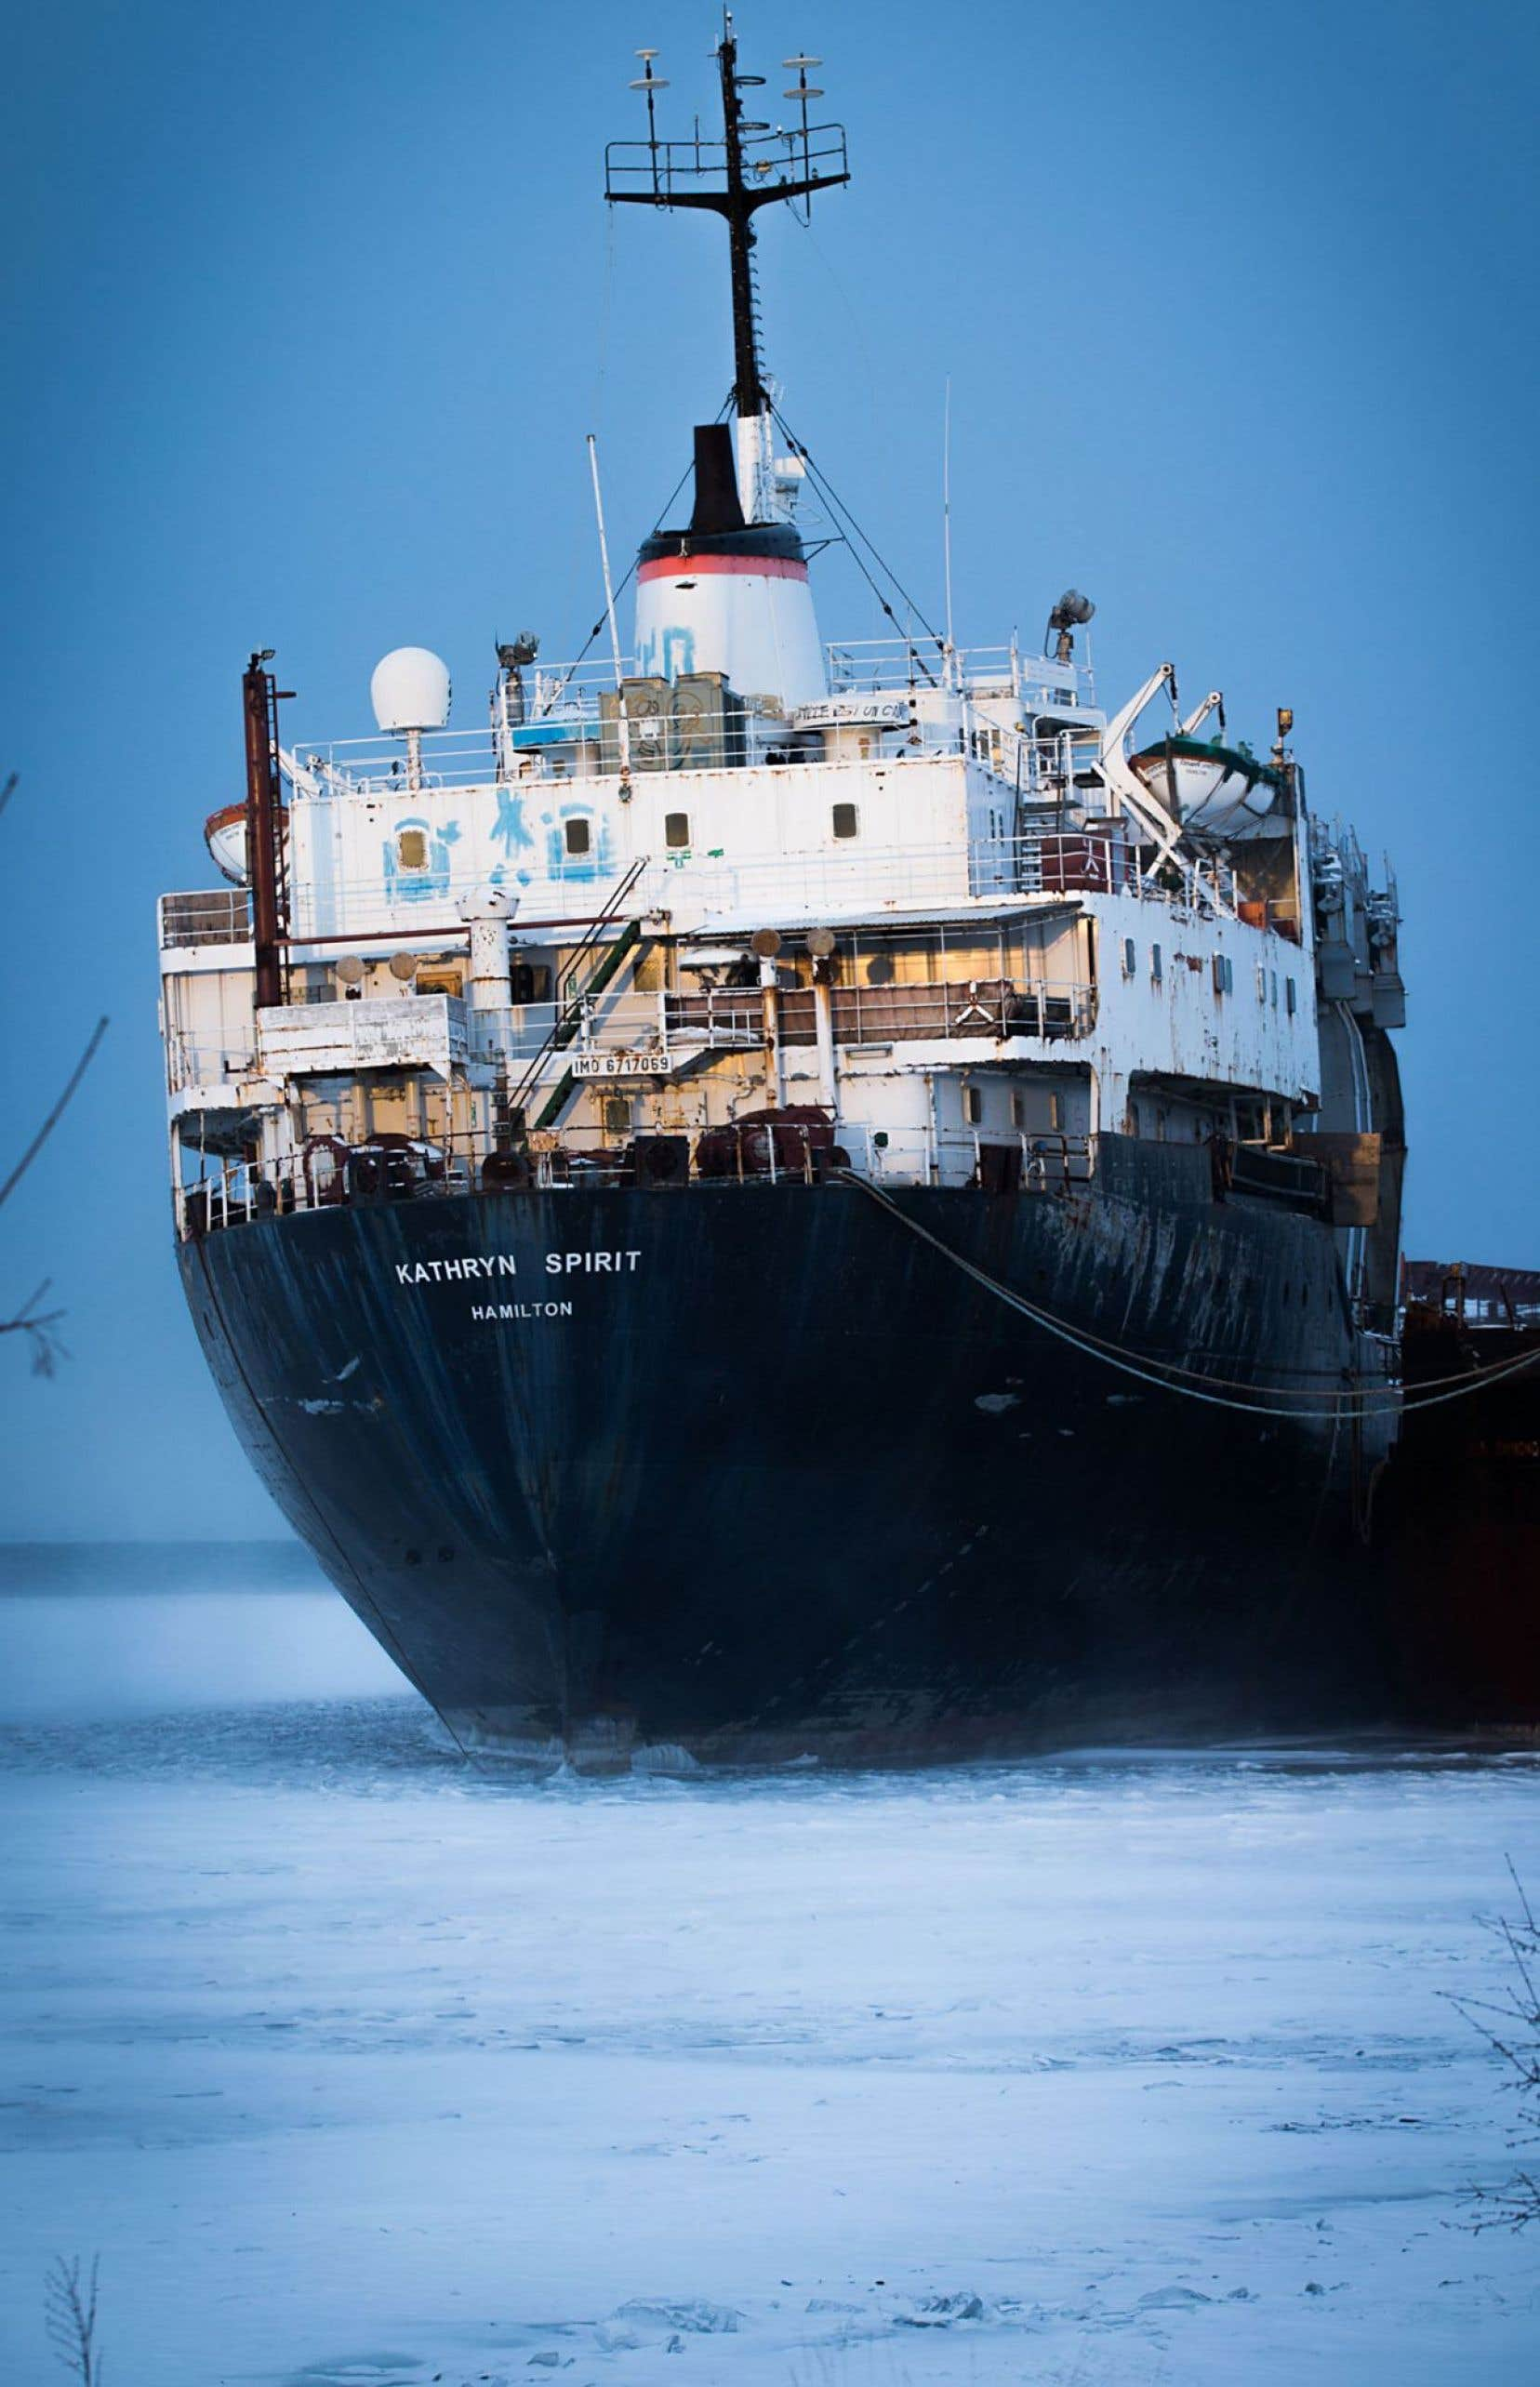 Ce vieux cargo en partie démantelé et désormais officiellement à l'abandon est «une épave sans propriétaire», a souligné le maire Coderre. Cela signifie que le navire est sous la responsabilité du gouvernement fédéral.